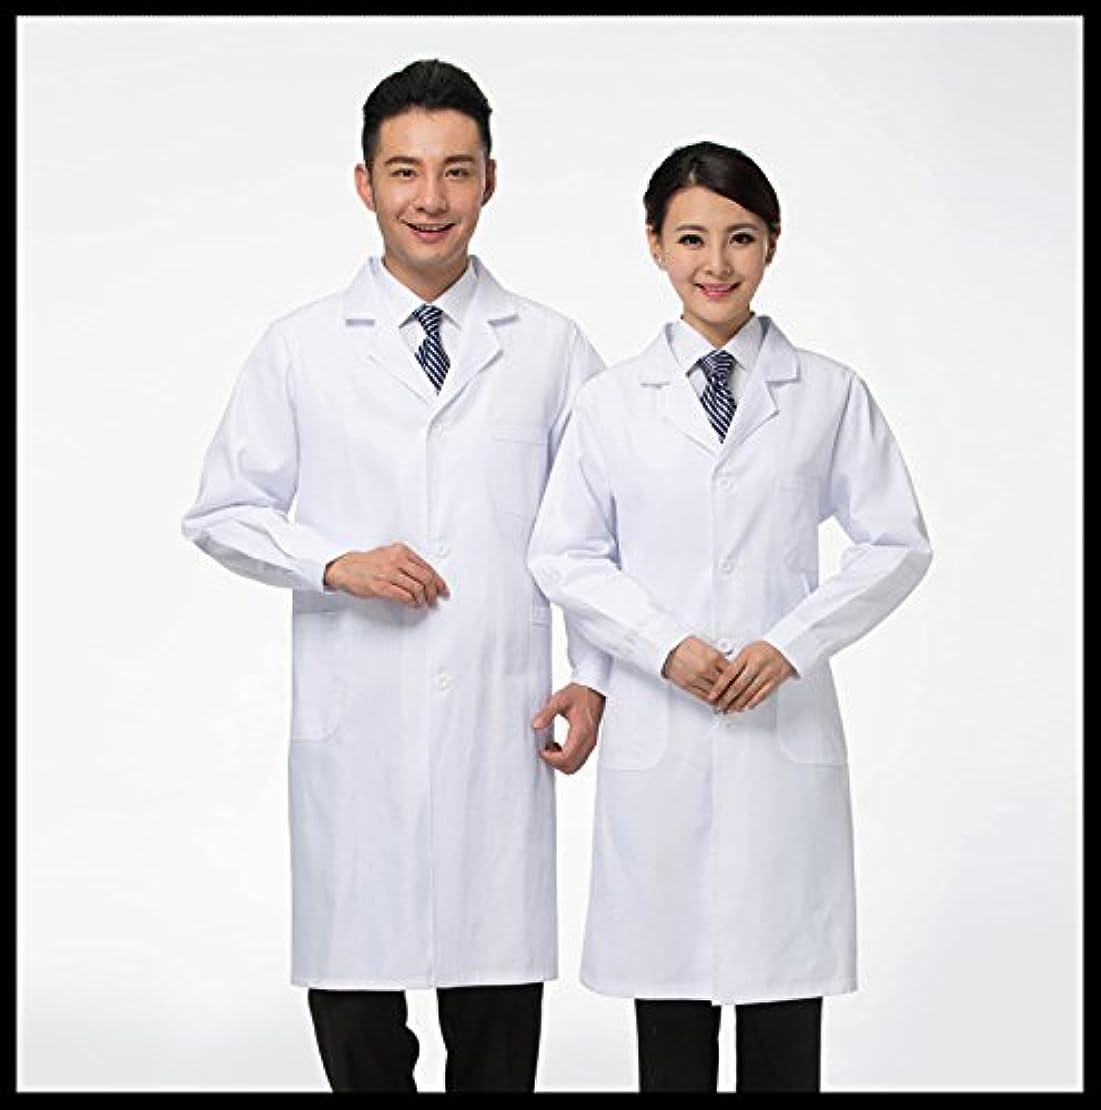 アジア極小消費するDOCTOR 長袖 白衣 ドクター コスチューム Sサイズ 男性用